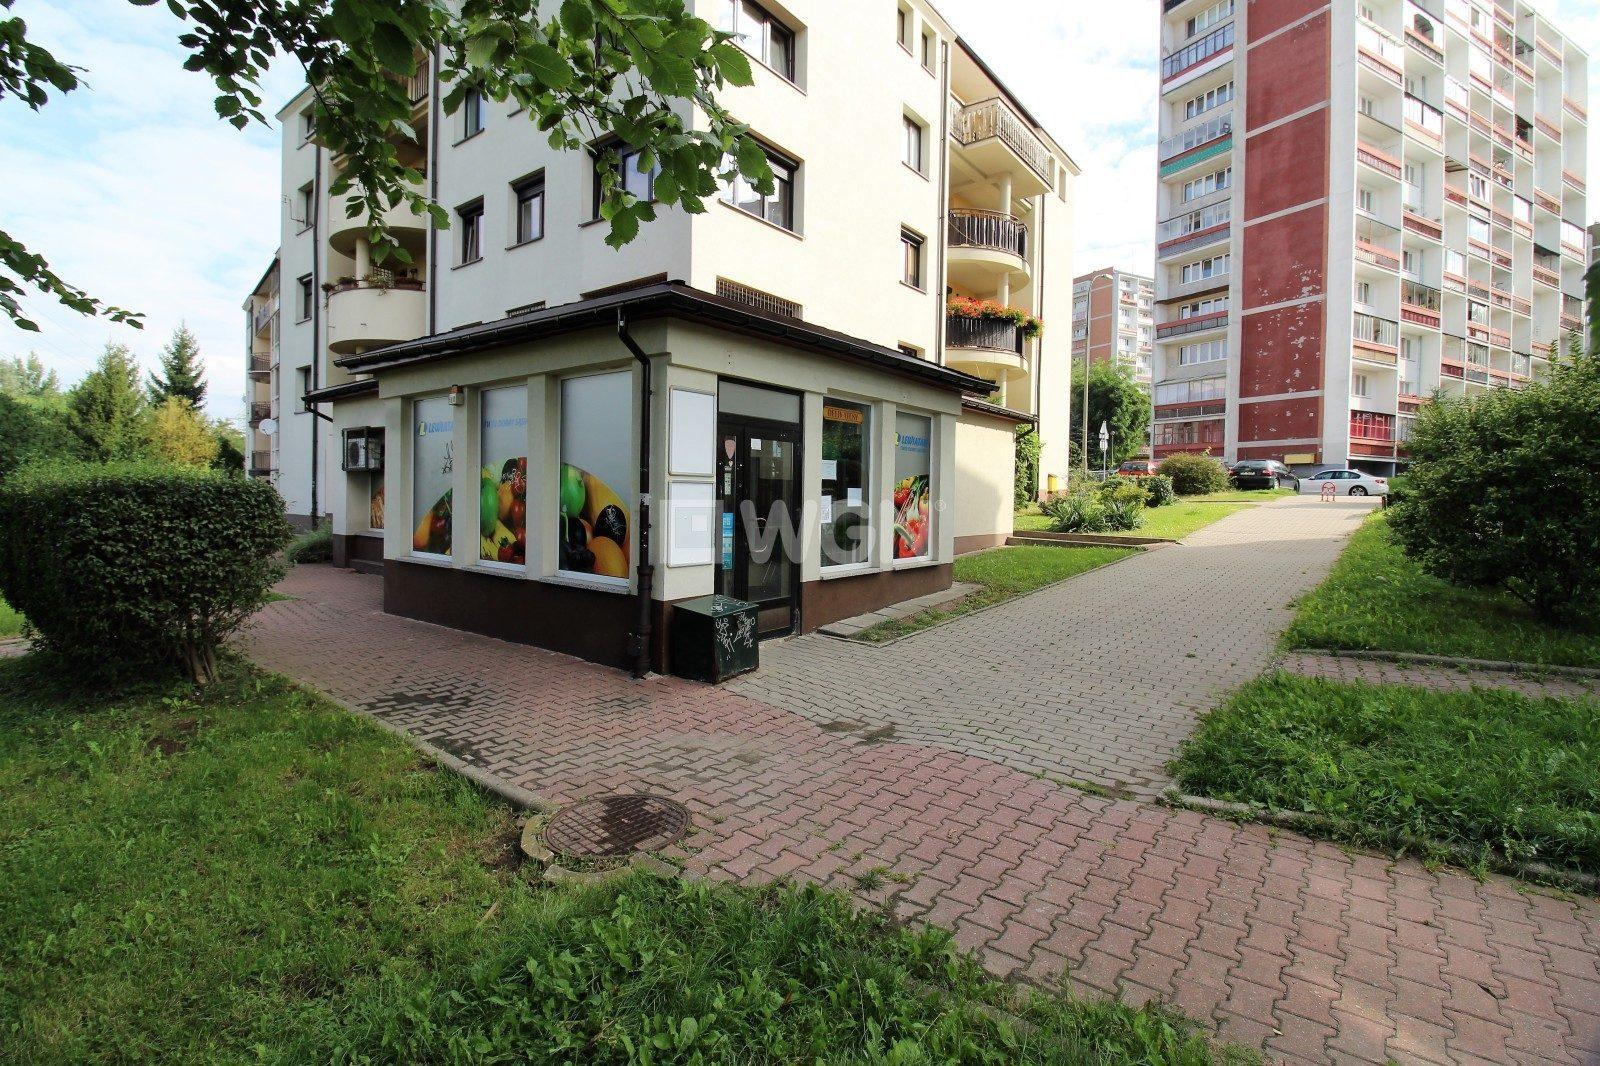 Lokal na wynajem Kraków Mistrzejowice Mistrzejowice